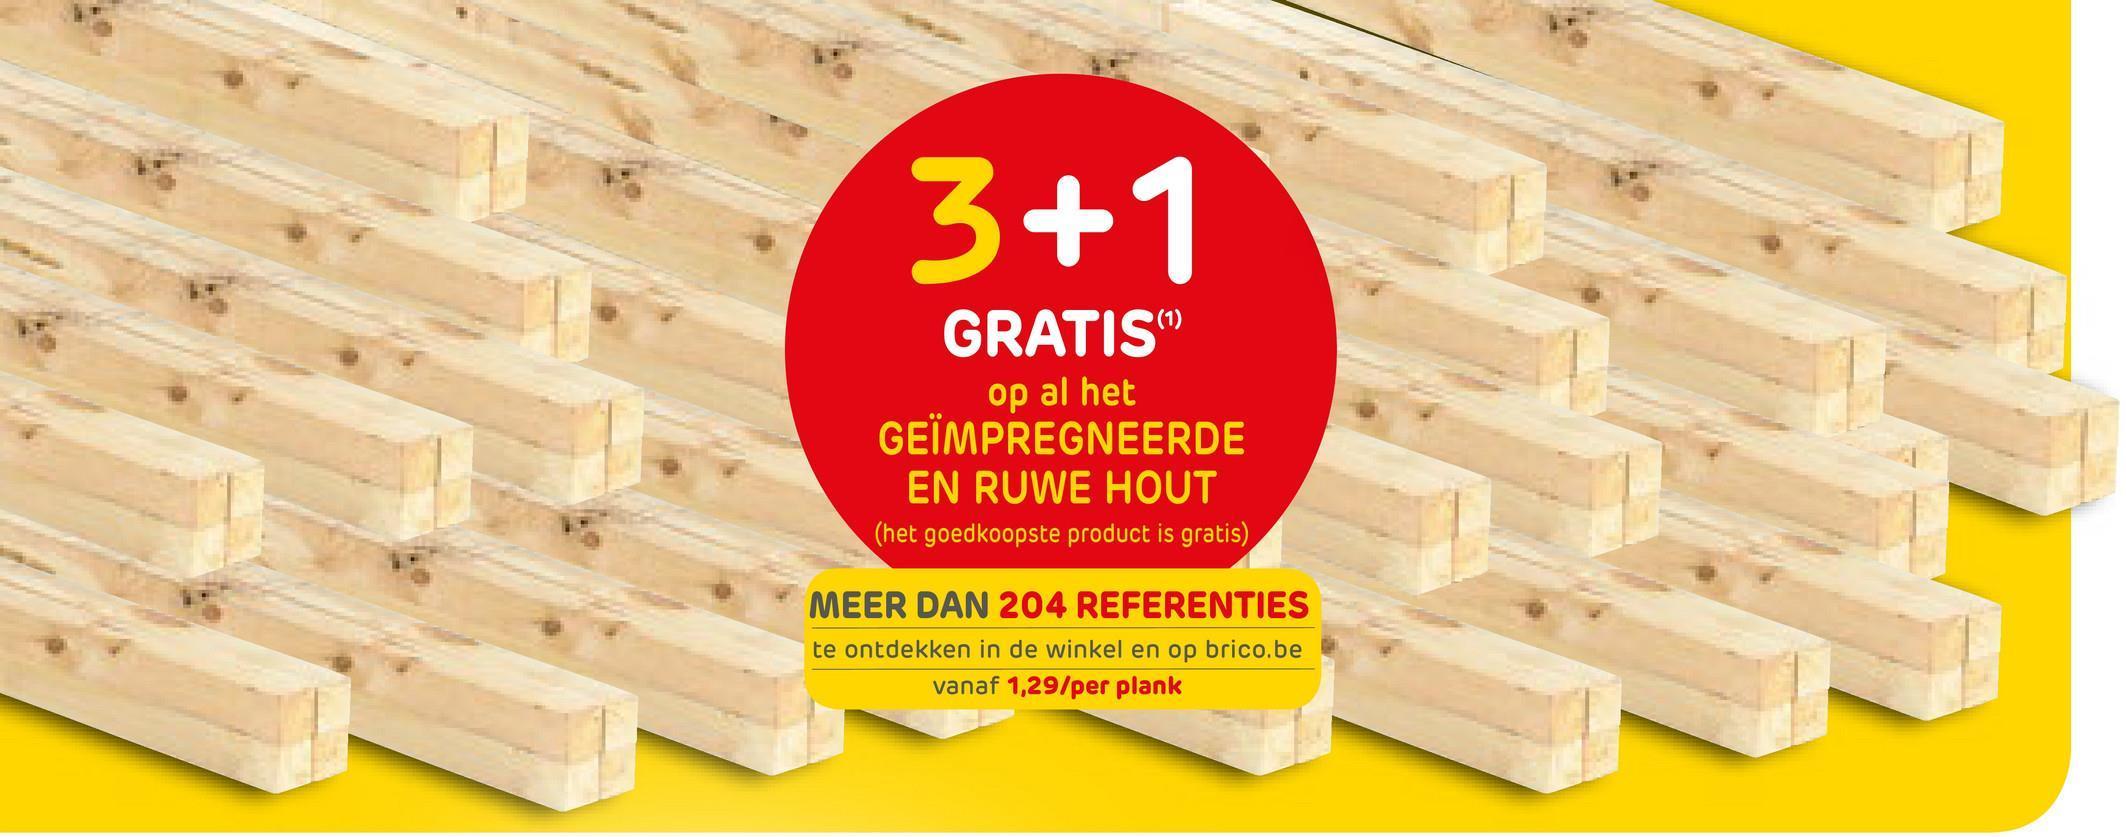 Solid tuinplank hout 200 x 14,7 x 2,8 cm Deze geïmpregneerde houten Solid-plank is 240 x 14,7 x 2,8 cm groot. Ze kan voor uw eigen buitenprojecten worden gebruikt. Maak er bv. een tuinhuisje mee, een tuinbank, afsluiting of bloembak.